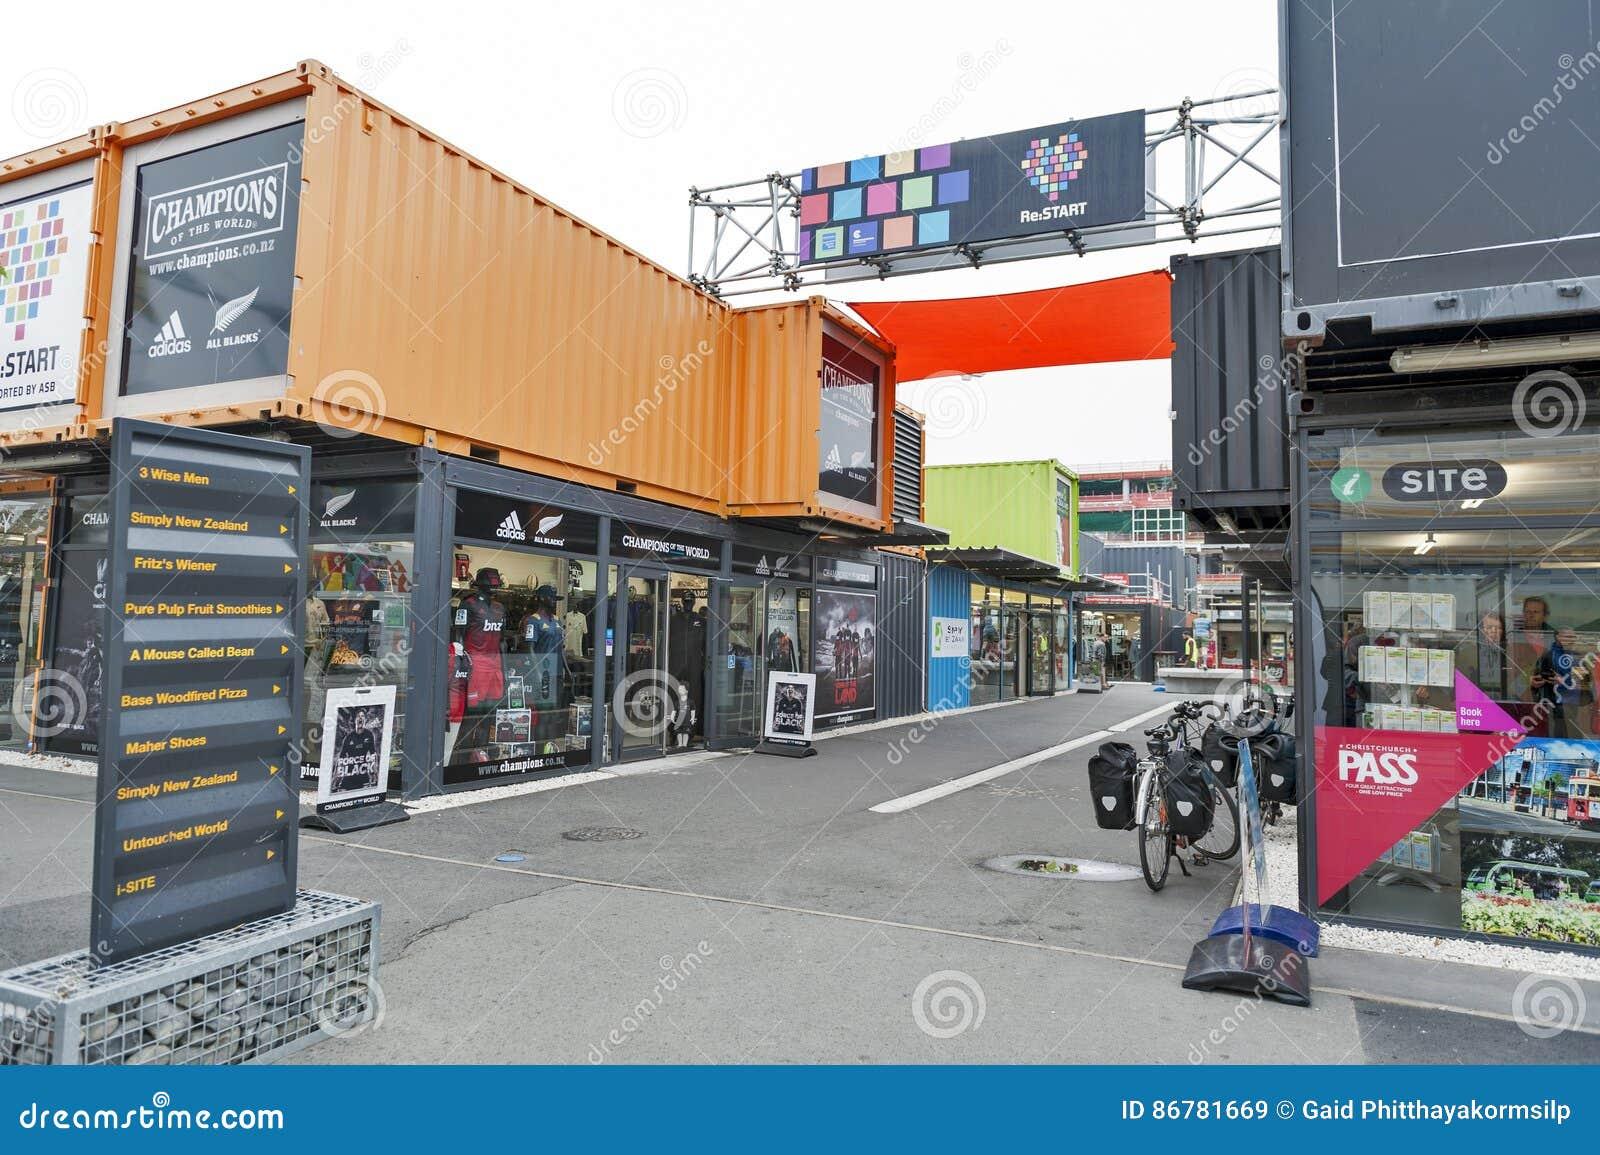 Wiederanlauf oder Re: BEGINNEN Sie Mall, einen Kleinraum im Freien, der Shops und aus Speichern in den Versandverpackungen besteh